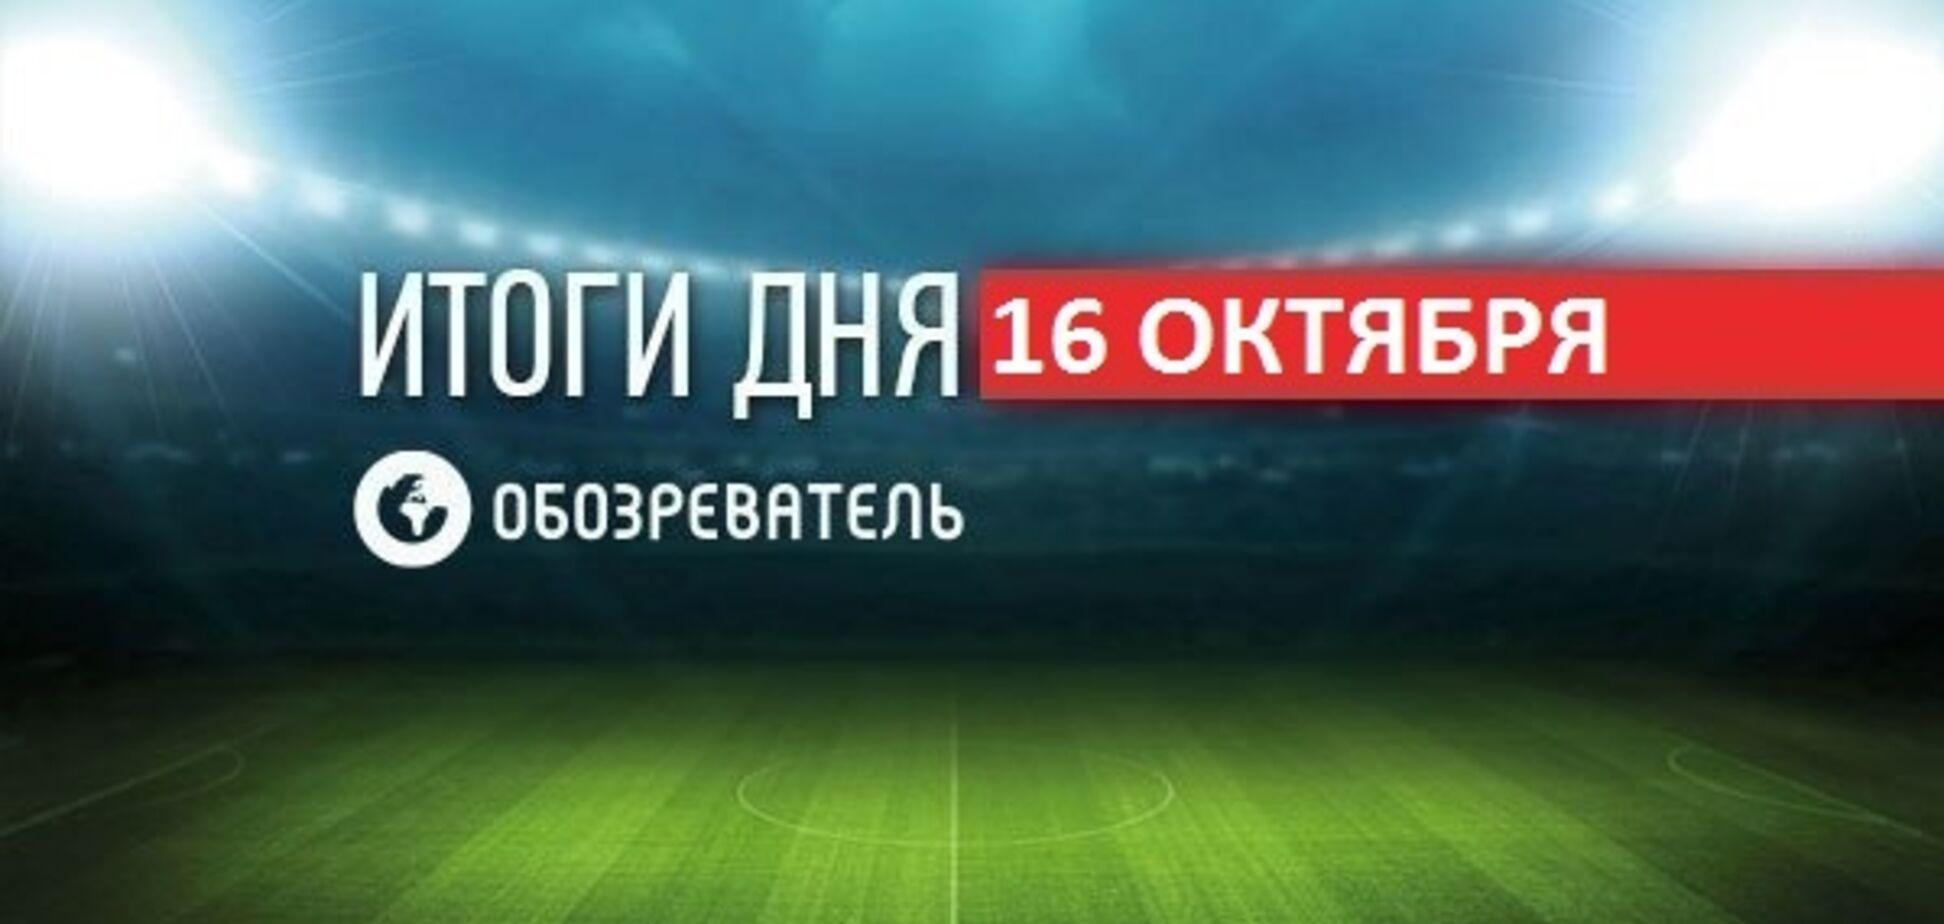 Названо розклади для збірної України на жеребкуванні Євро-2020: спортивні підсумки 16 жовтня